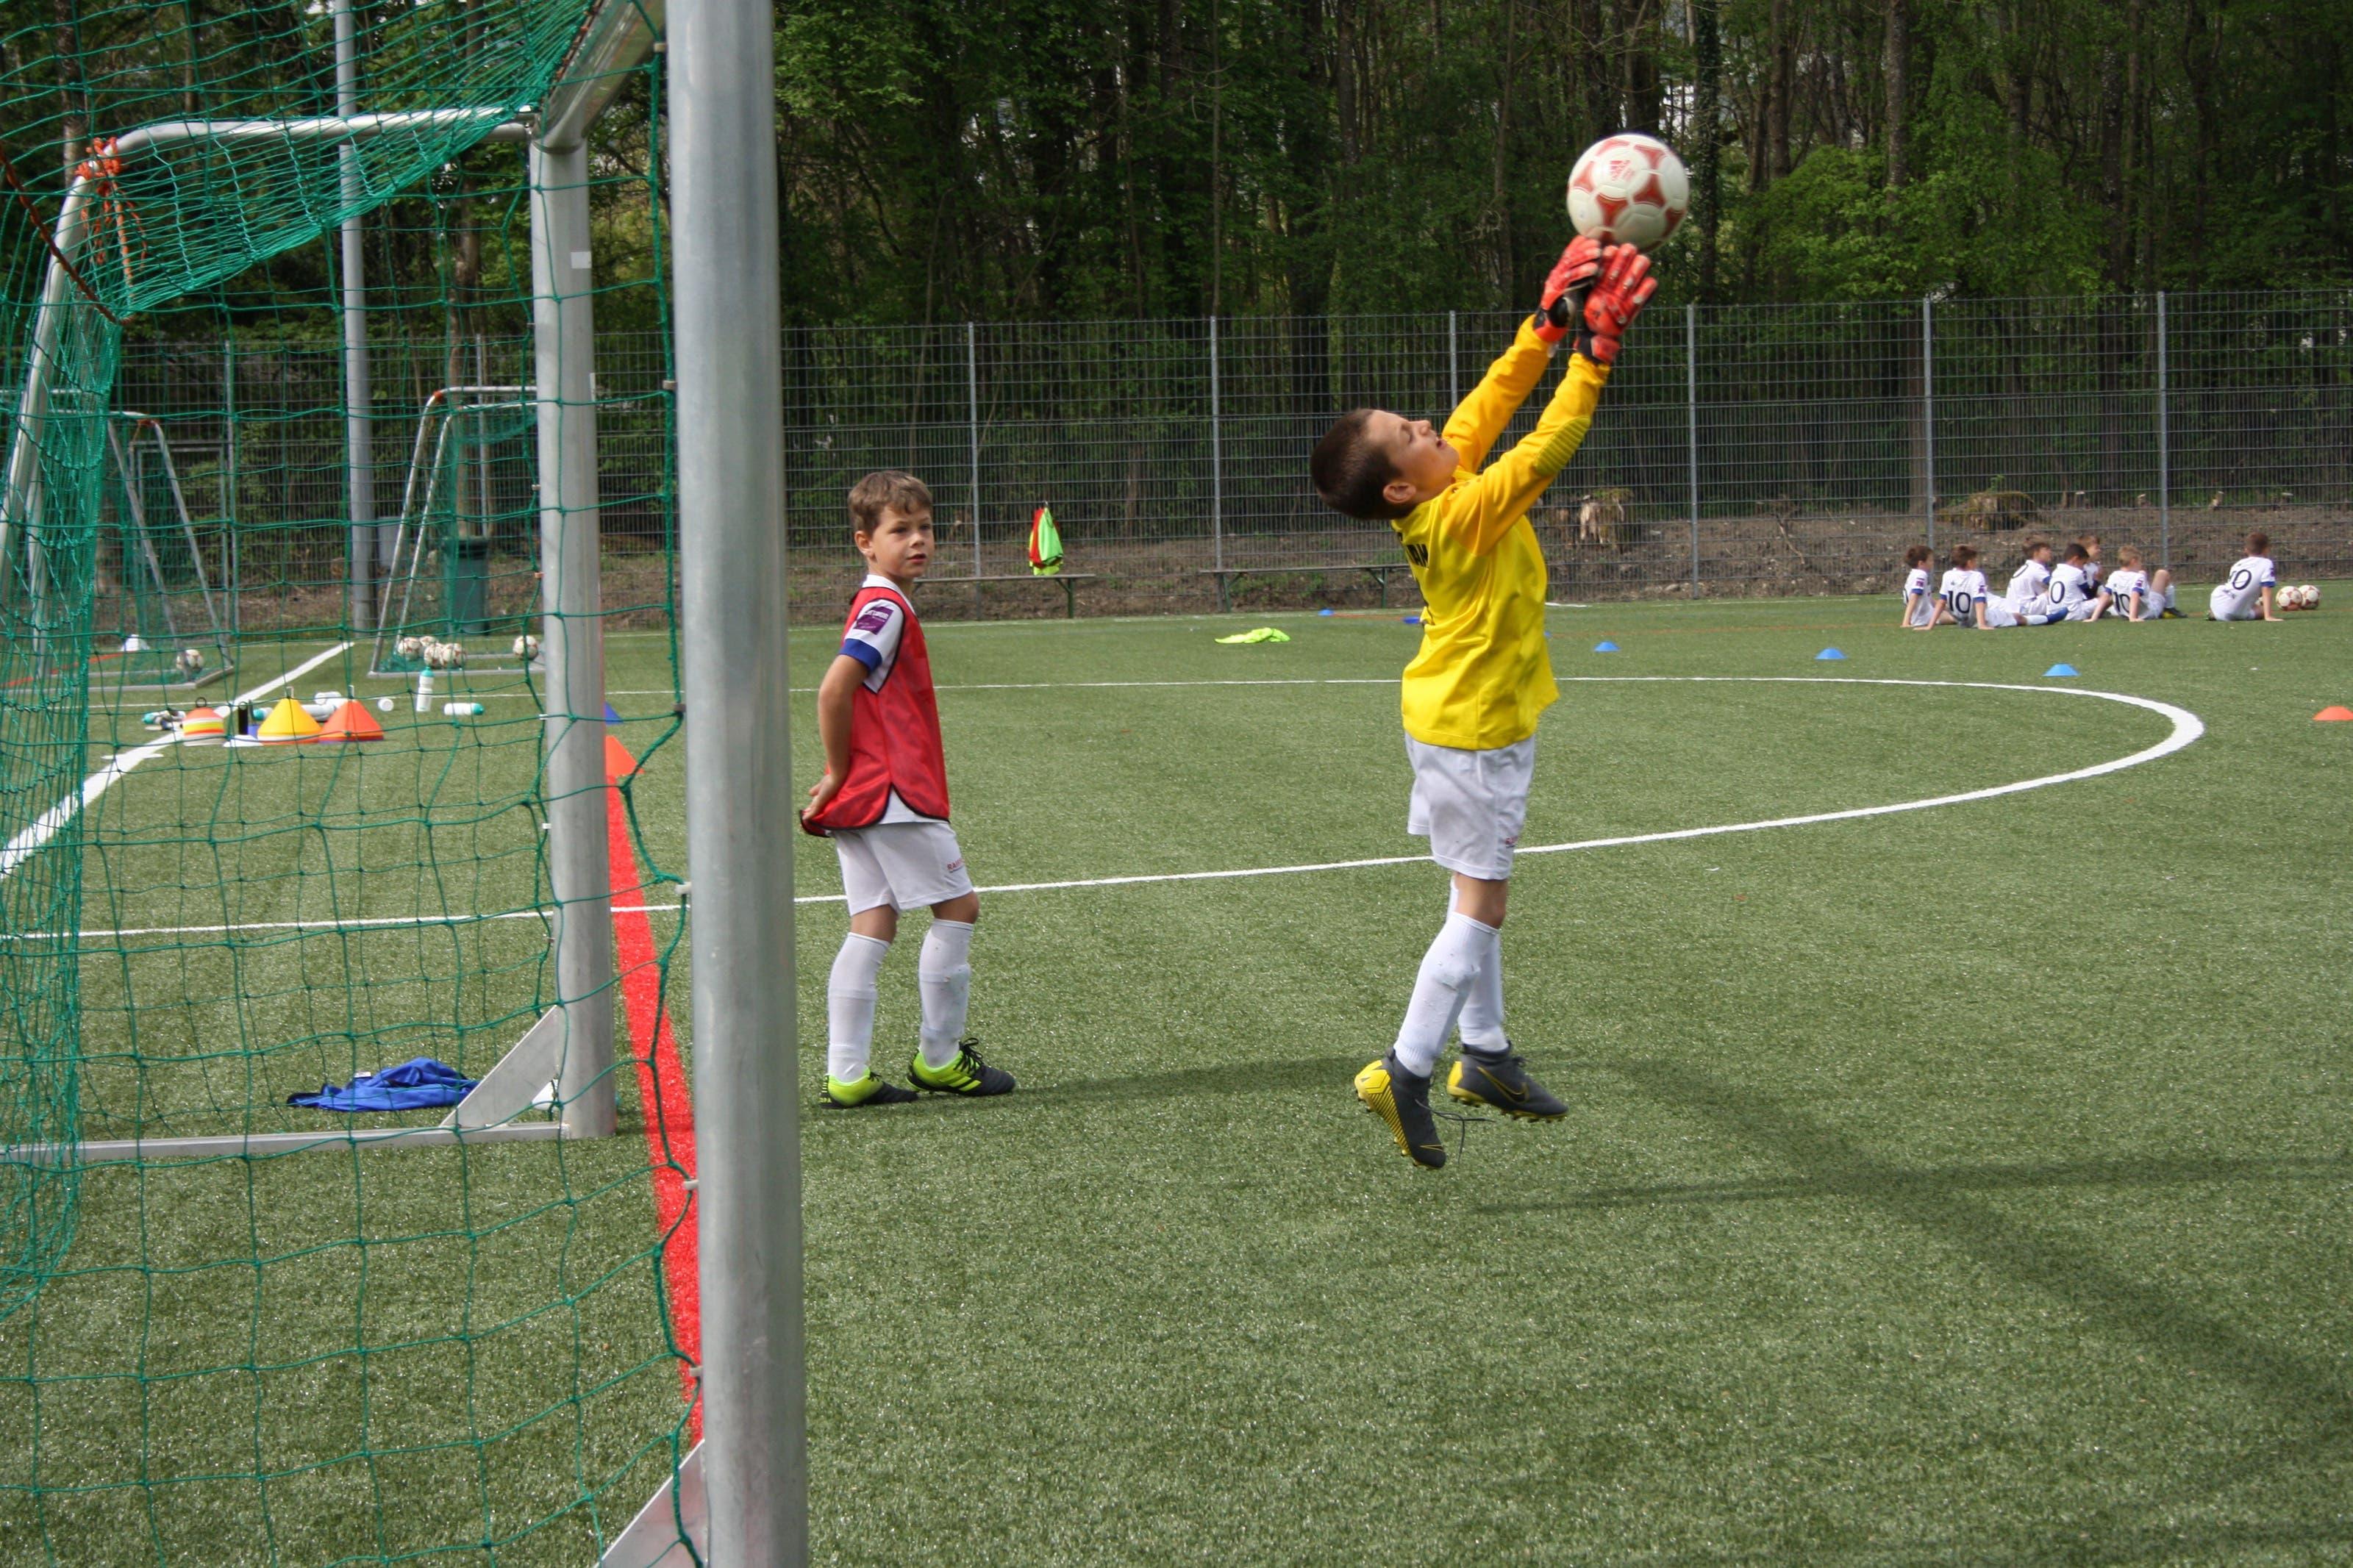 Wie man in den Frühlingsferien zu Sommer wird: Dieser junge Goalie pariert schon wie die Grossen.